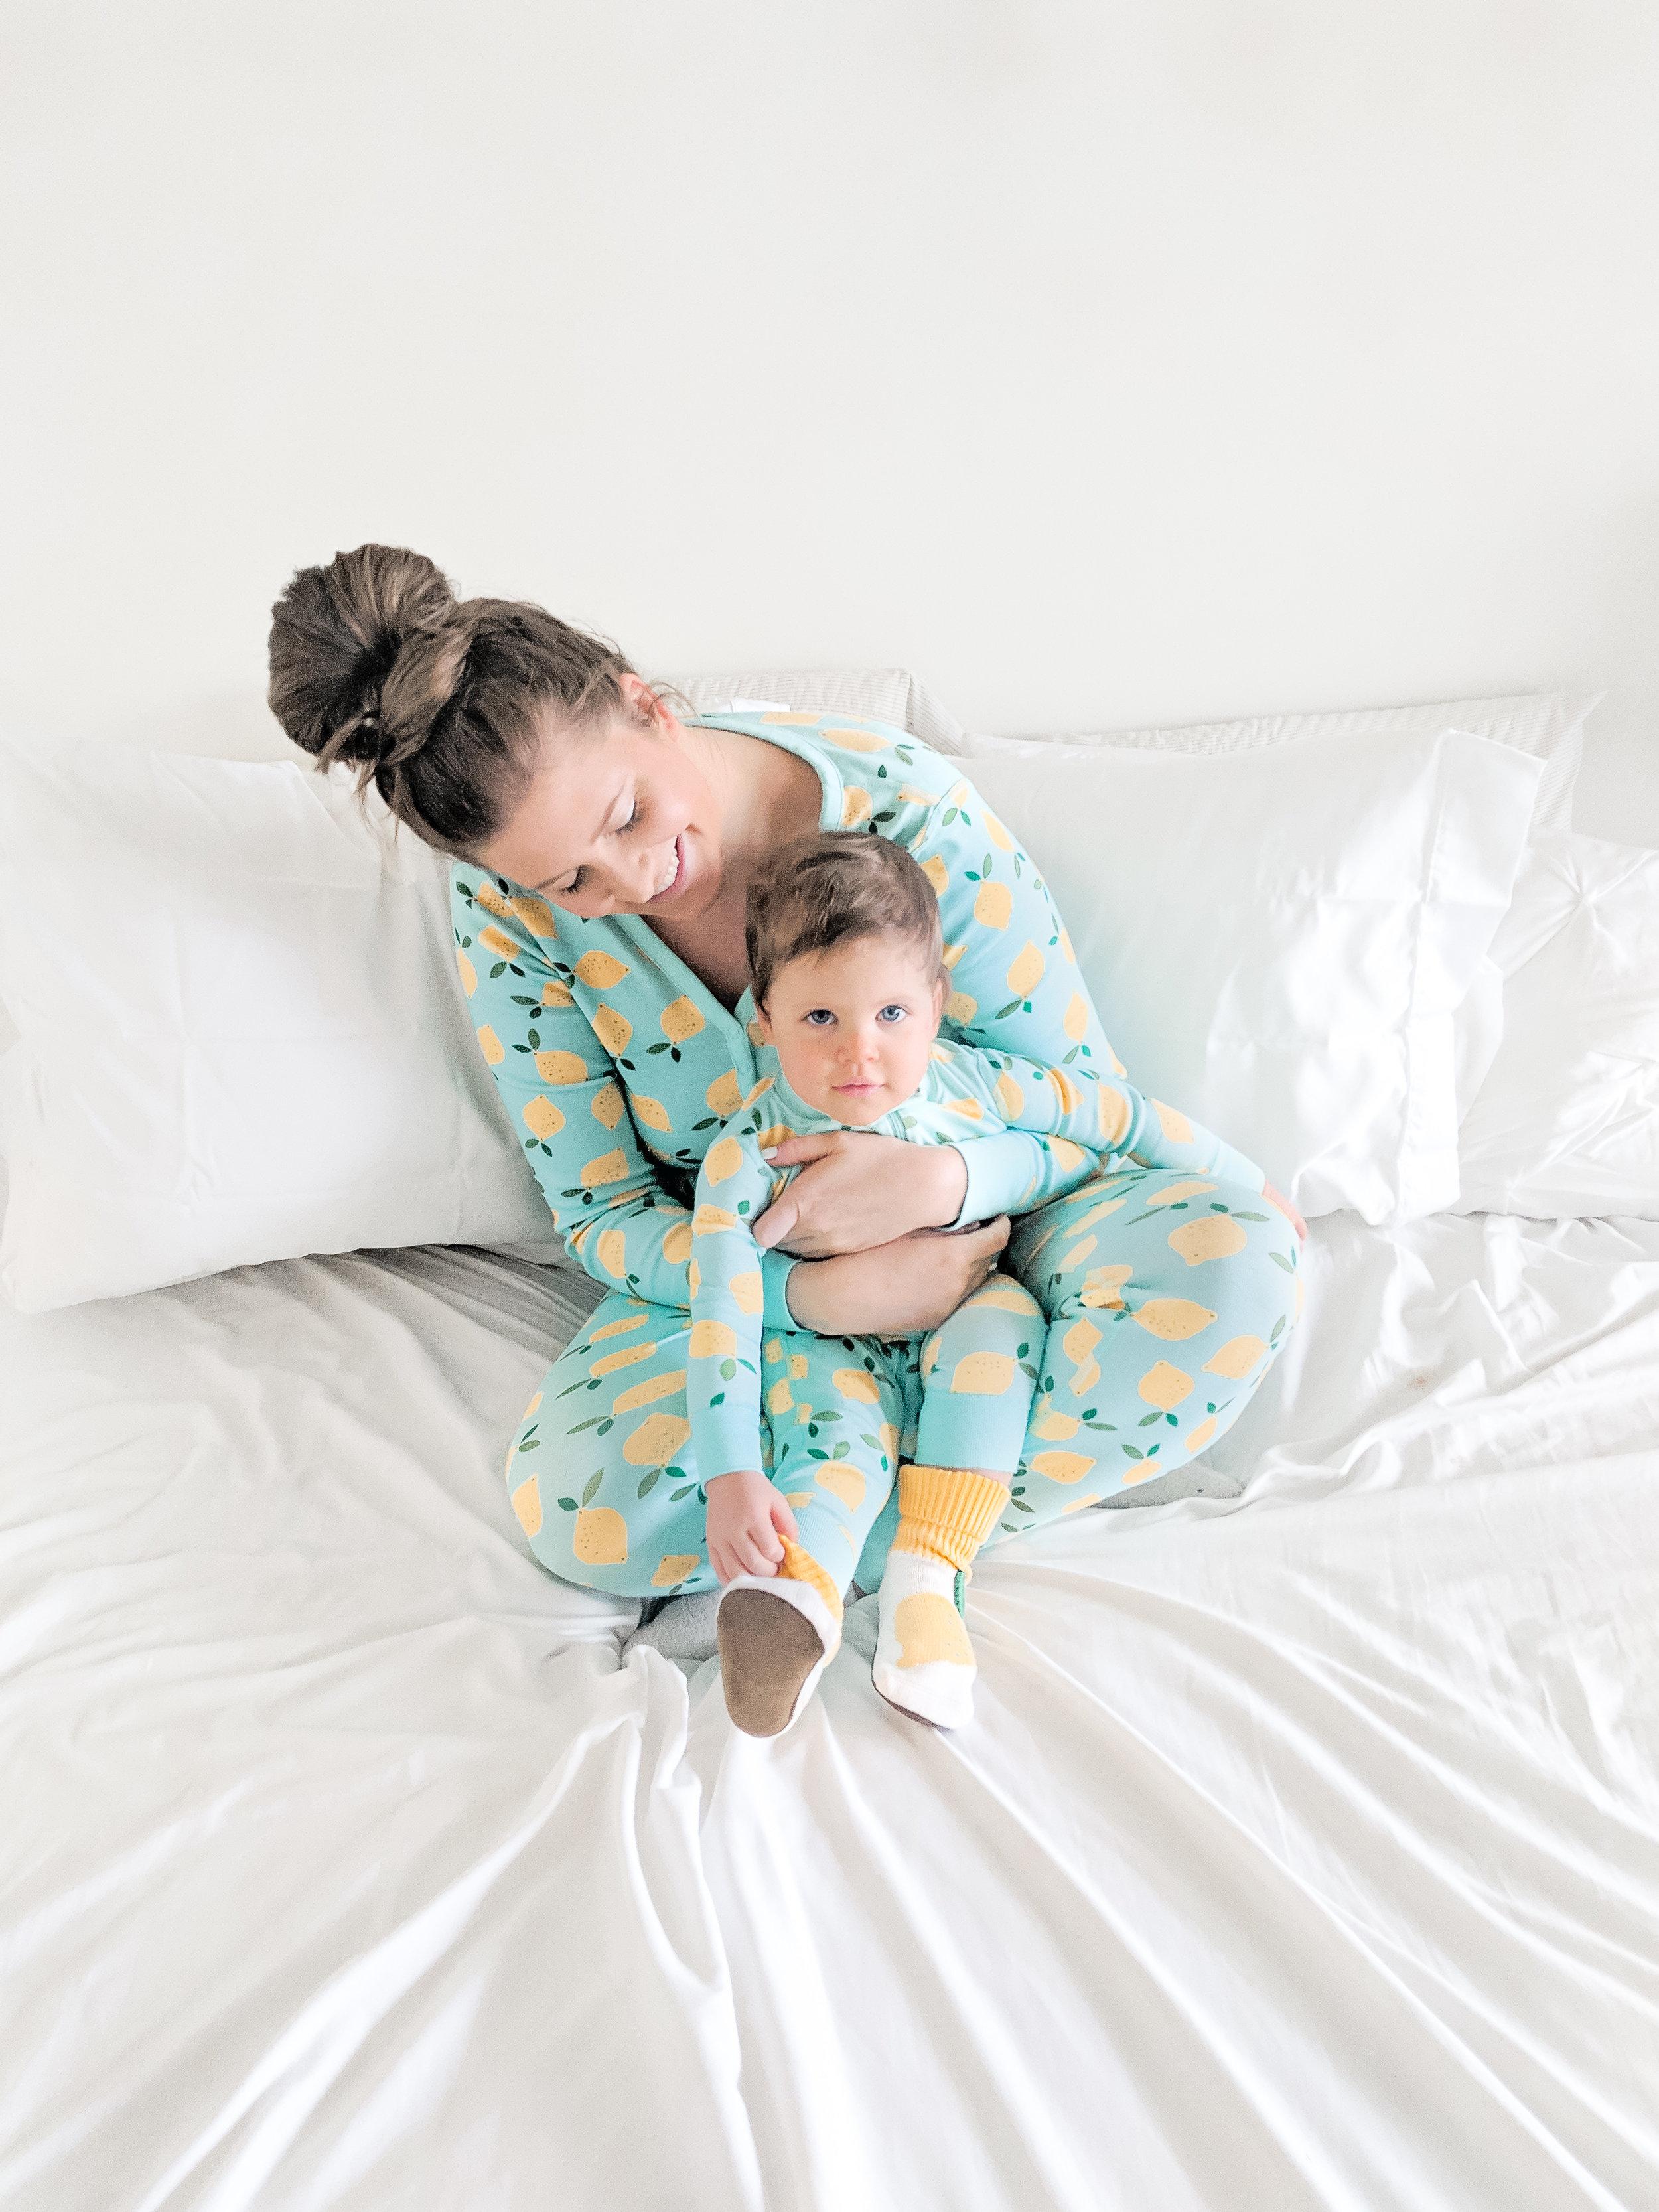 Hanna andersson lemon pajamas